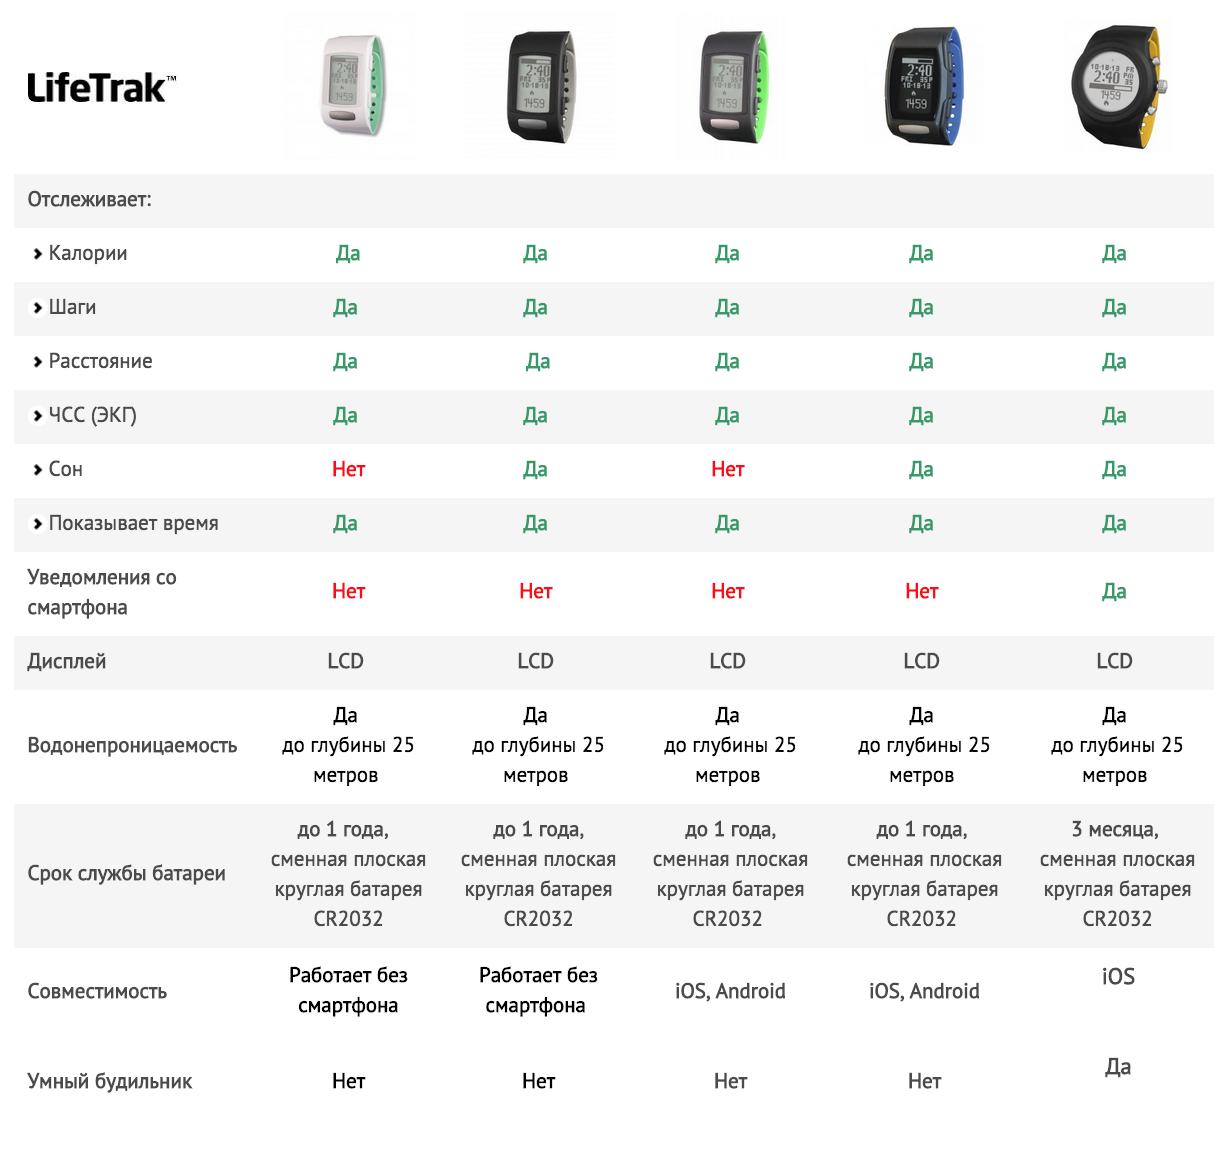 Обзор Lifetrak C410 — «непостоянный» пульсометр для постоянного использования - 14